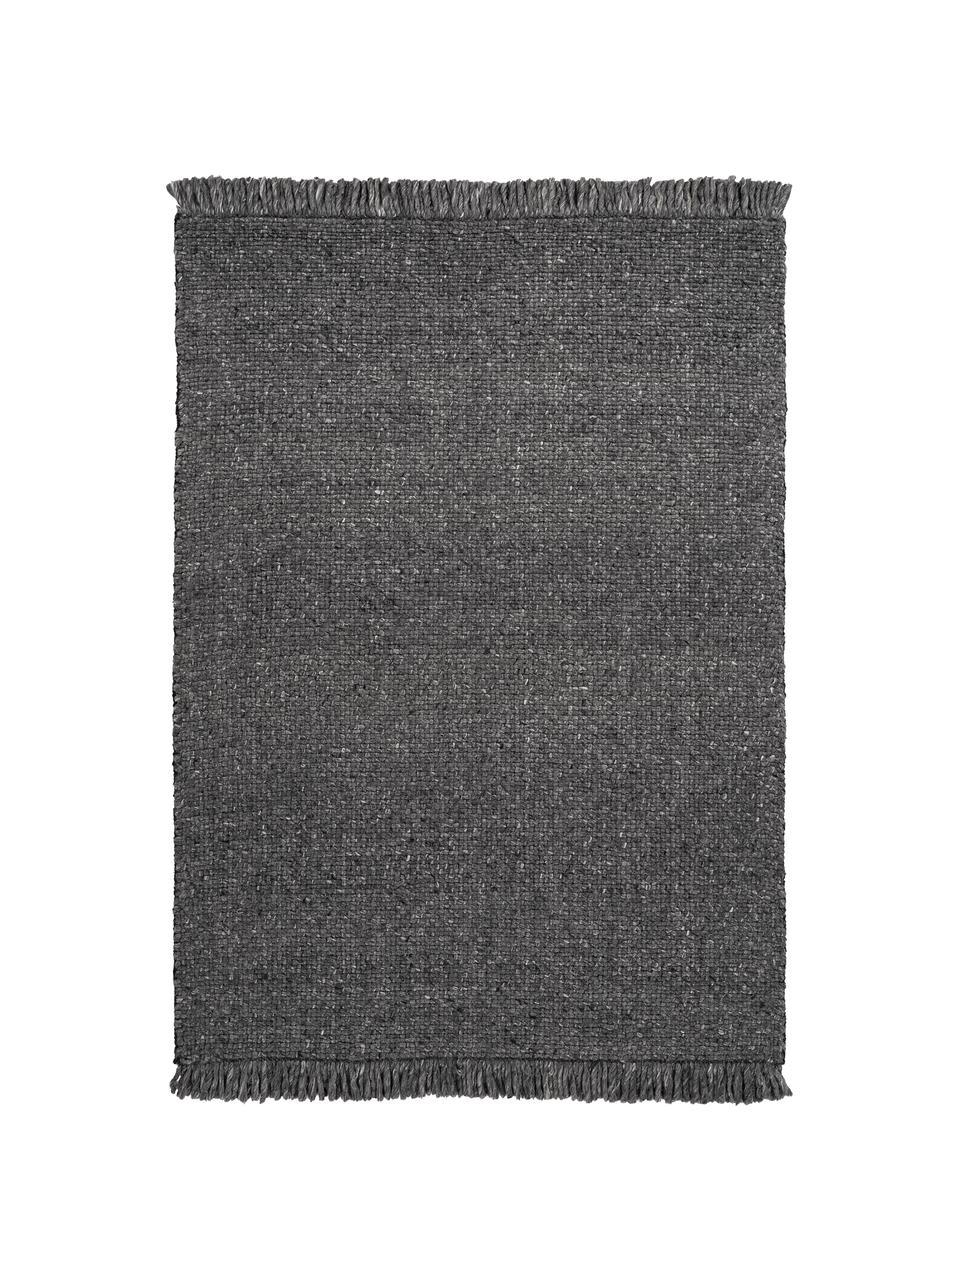 Tapis laine tissé main avec franges Eskil, Anthracite, chiné